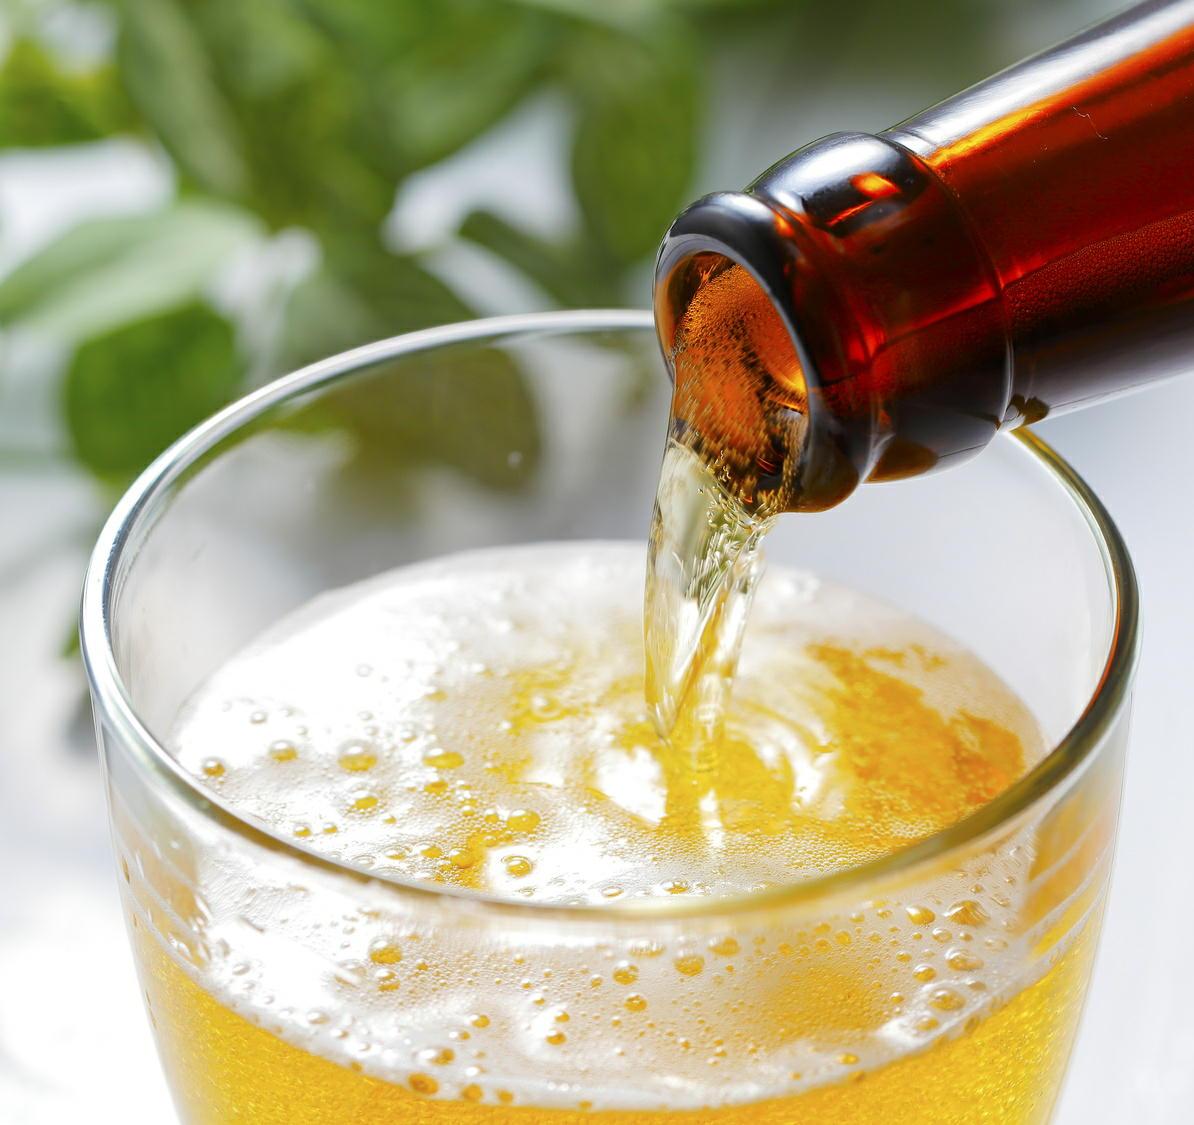 アルコールを飲み過ぎないために 知っておきたい5つの対処法